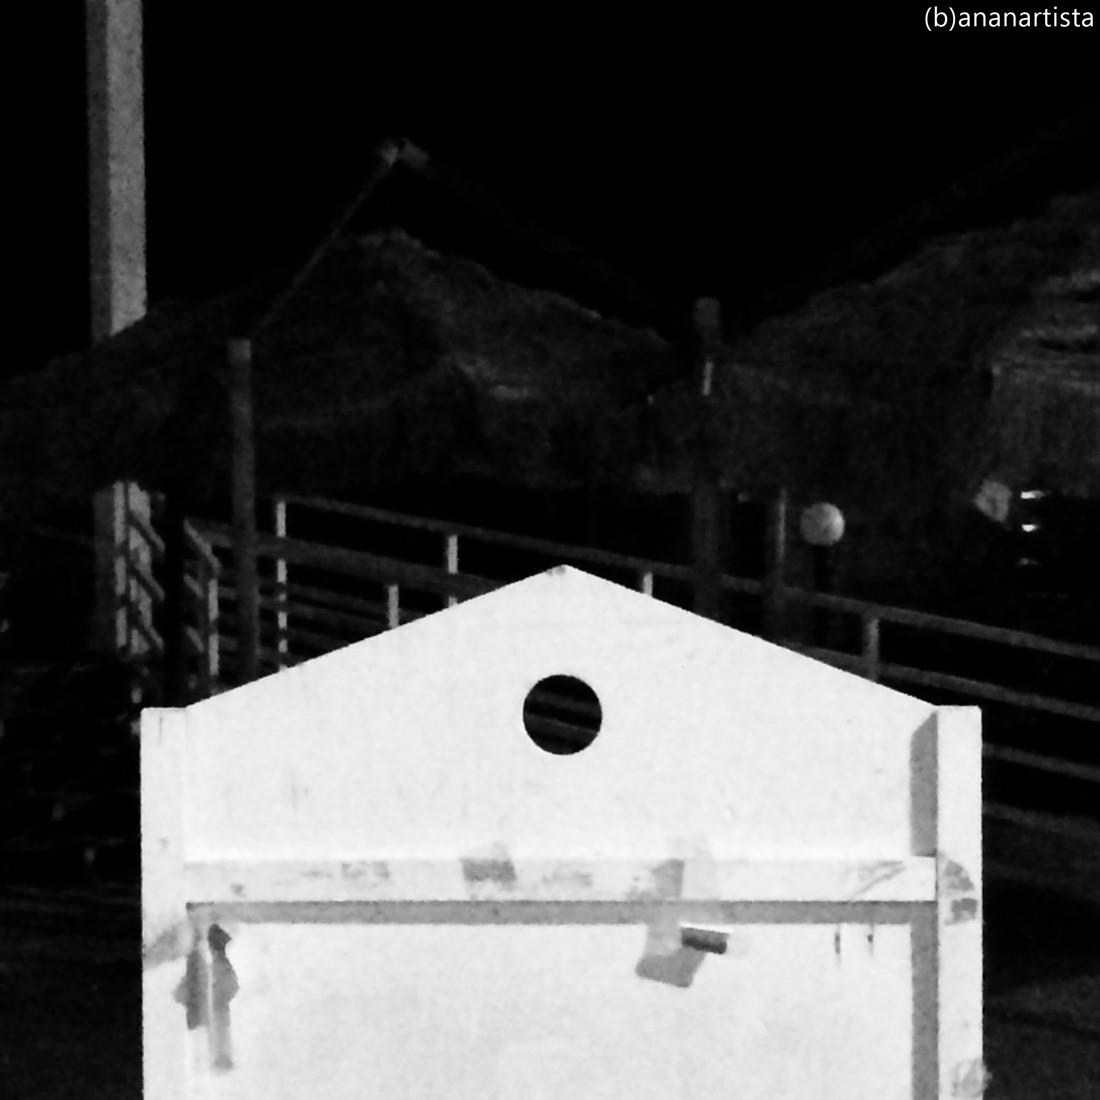 discrasia: fotografia in bianco e nero di (b)ananartista sbuff